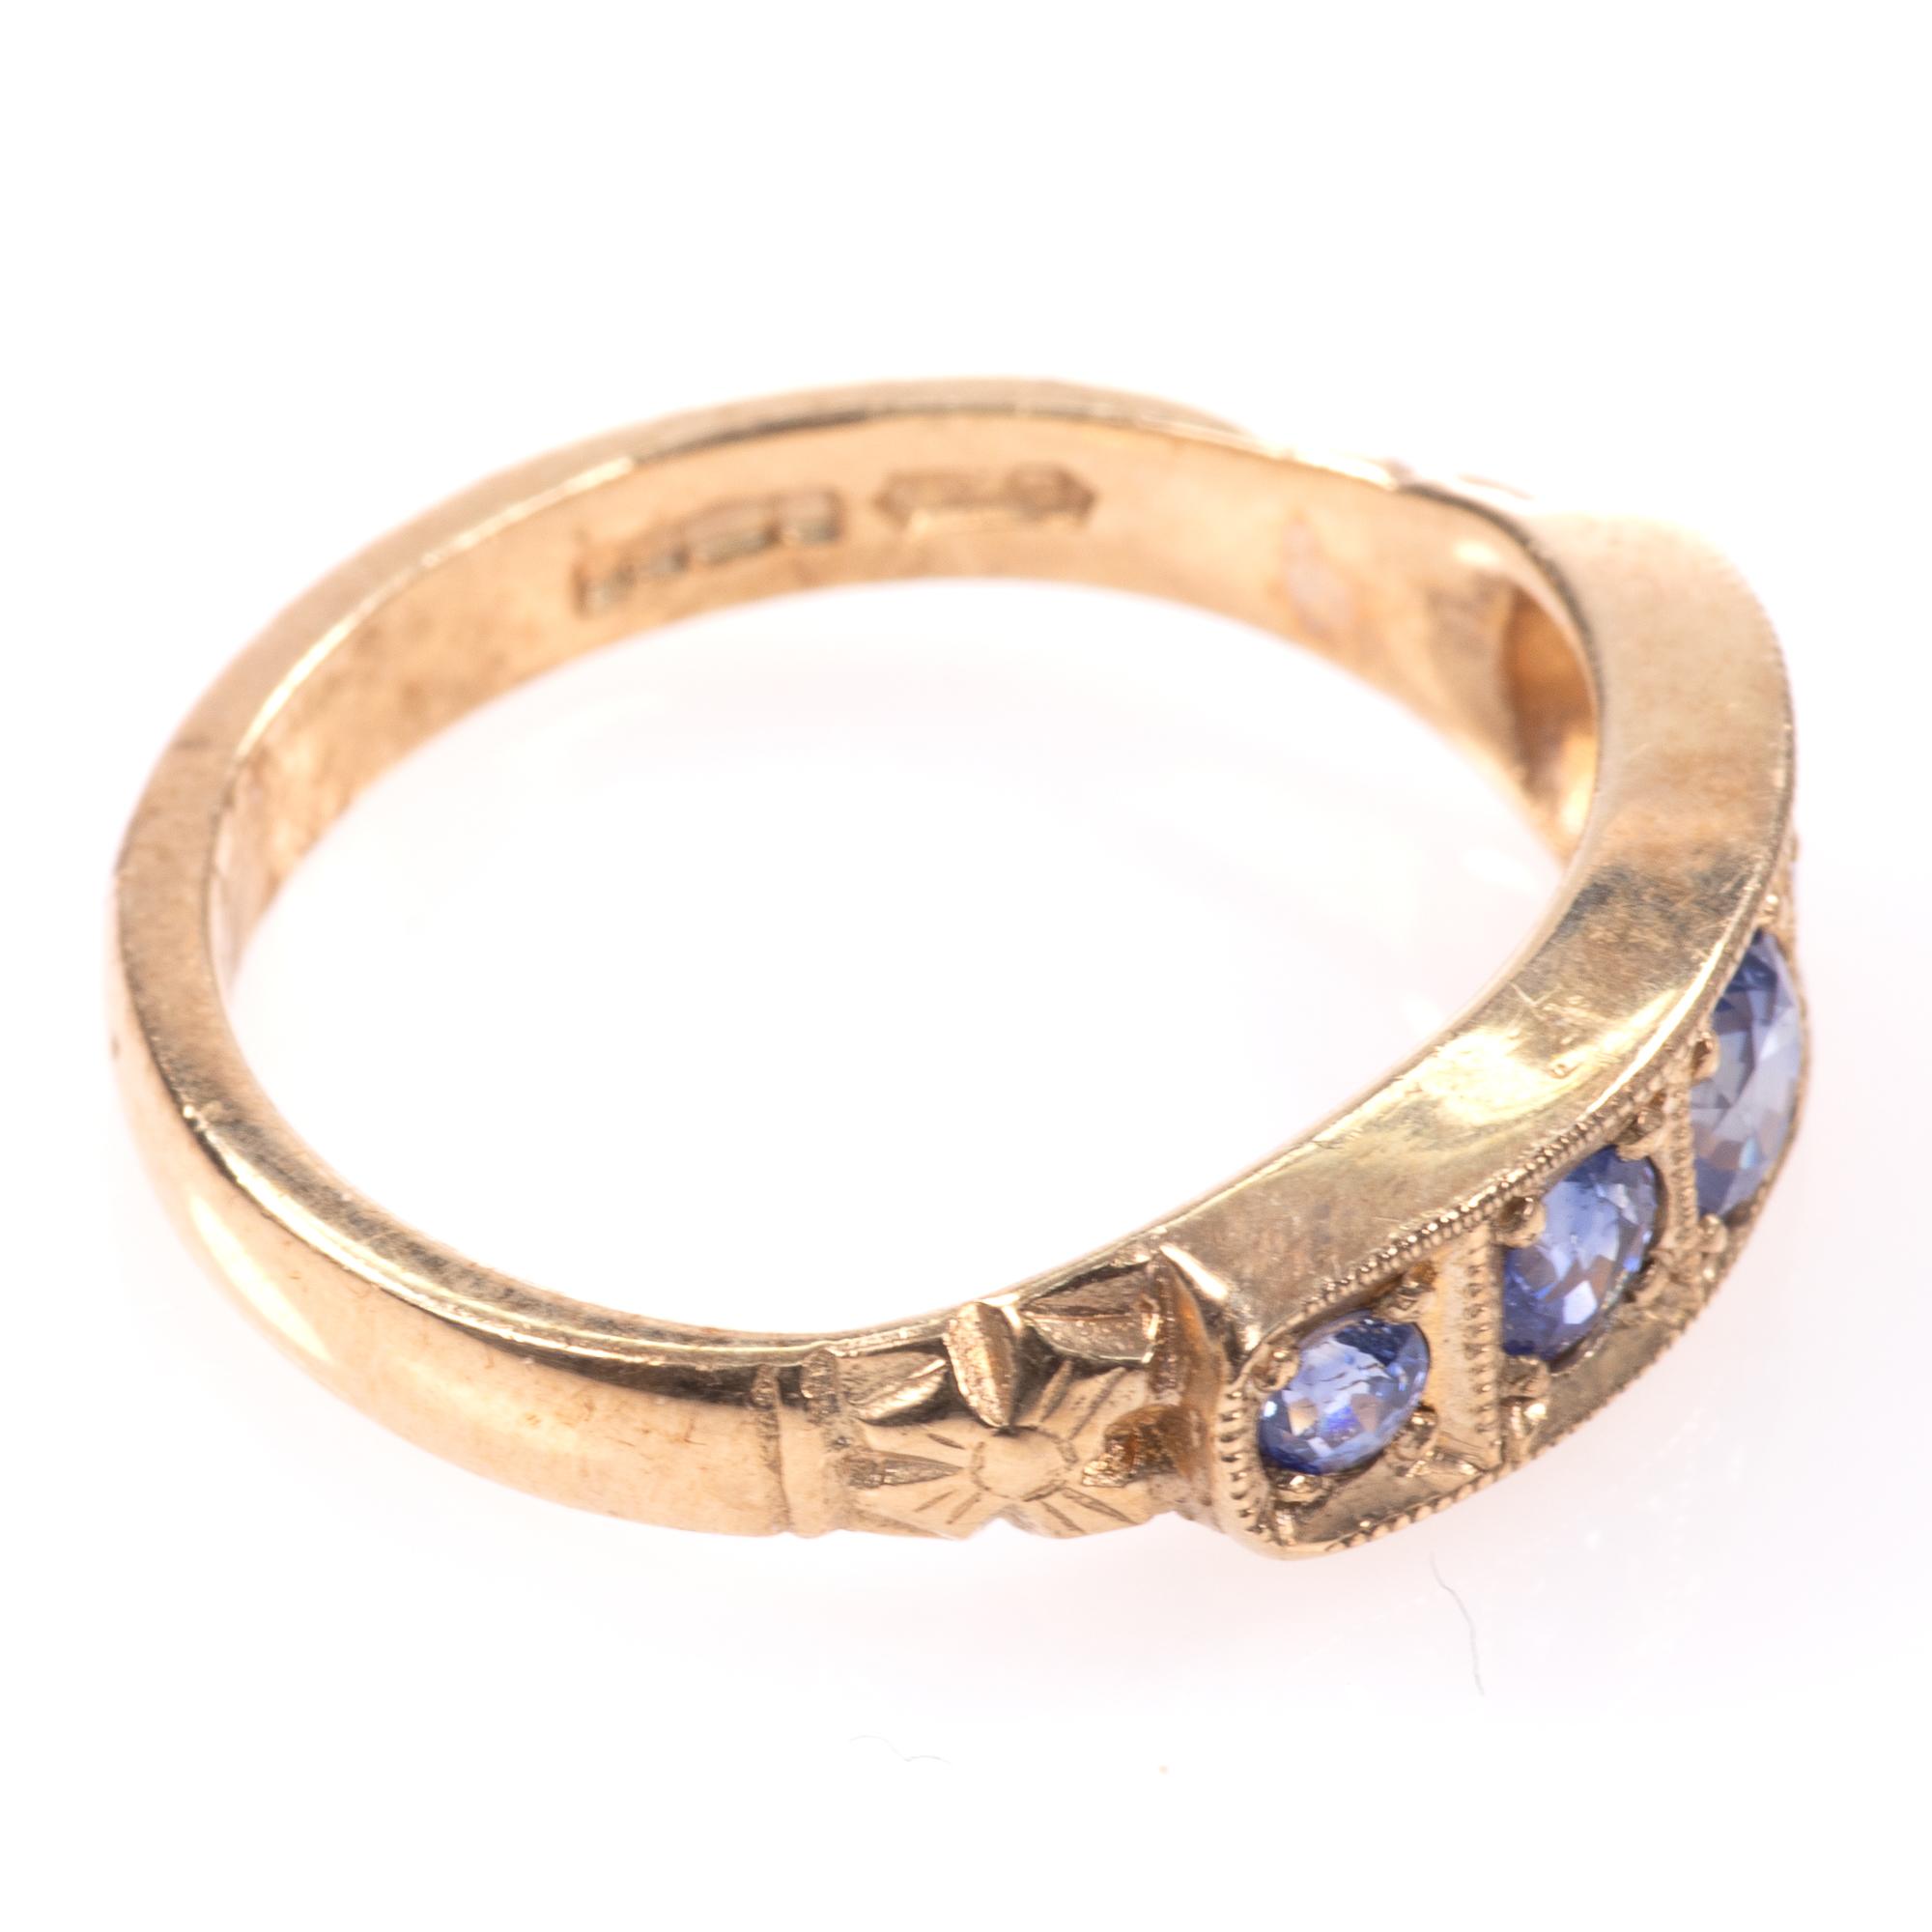 9ct Gold Aquamarine Ring - Image 6 of 8